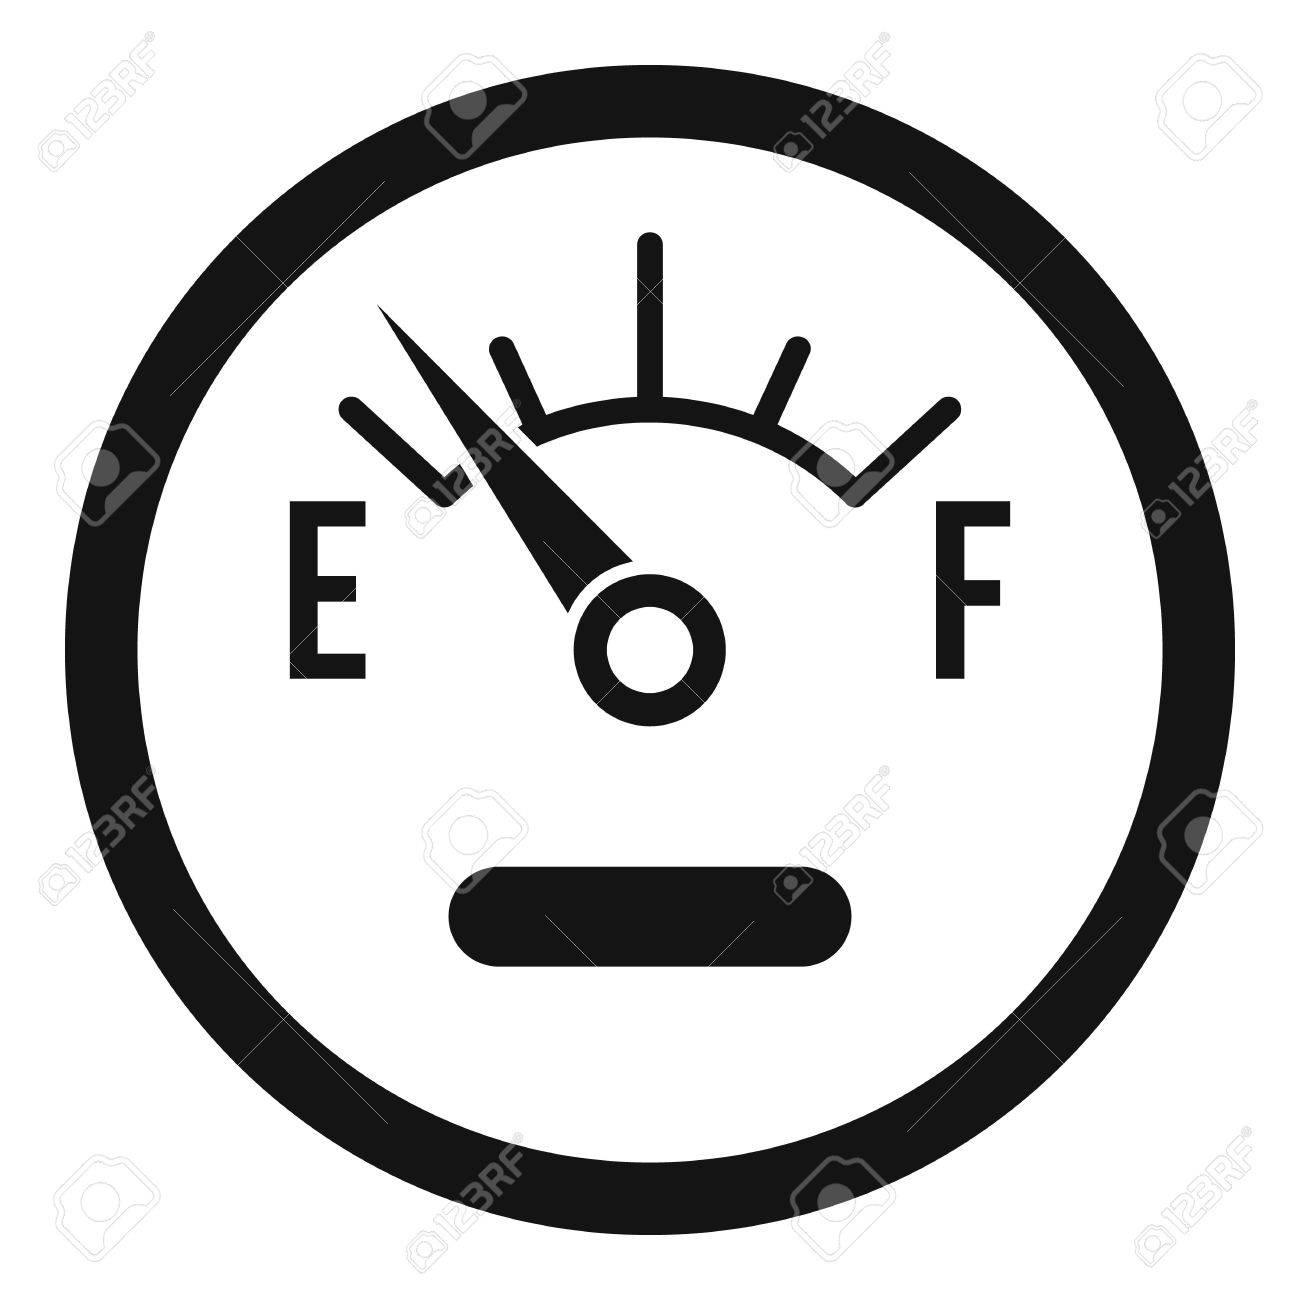 Berühmt Füllstandssensor Symbol Zeitgenössisch - Elektrische ...